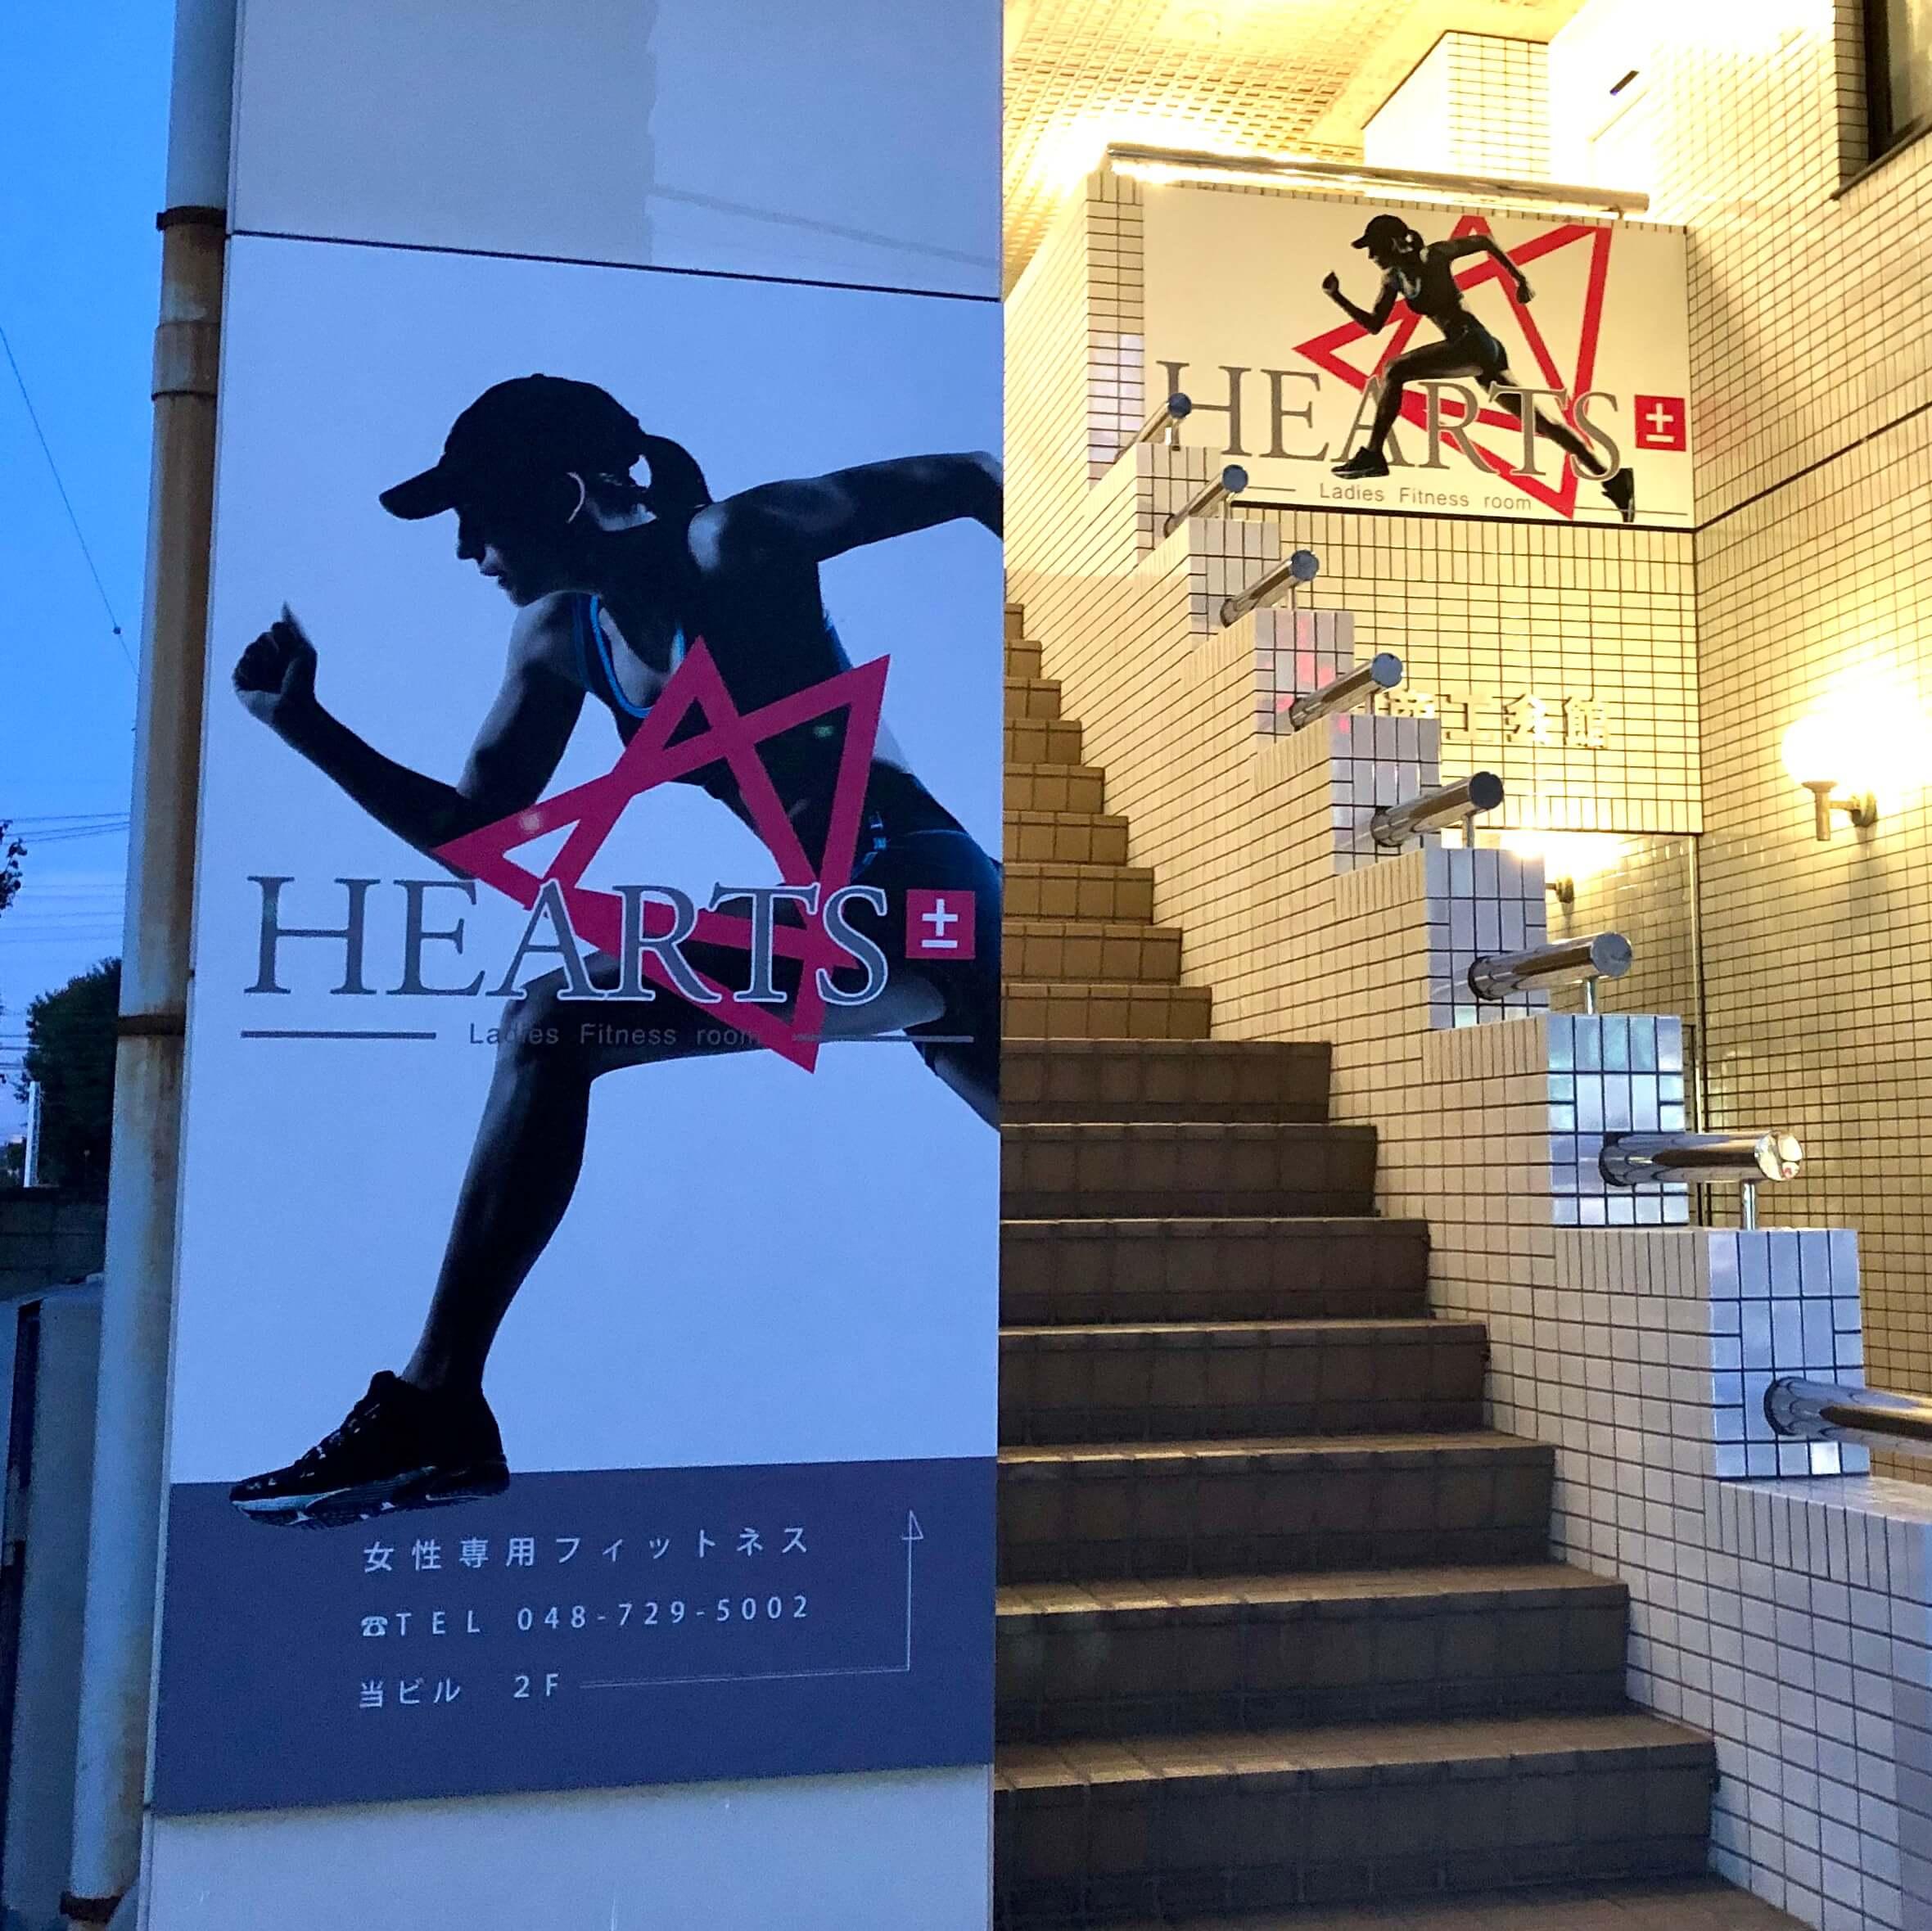 女性専用フィットネスジム『HEARTS±』が10月4日ニューオープン!上尾駅から徒歩3分で好アクセス!